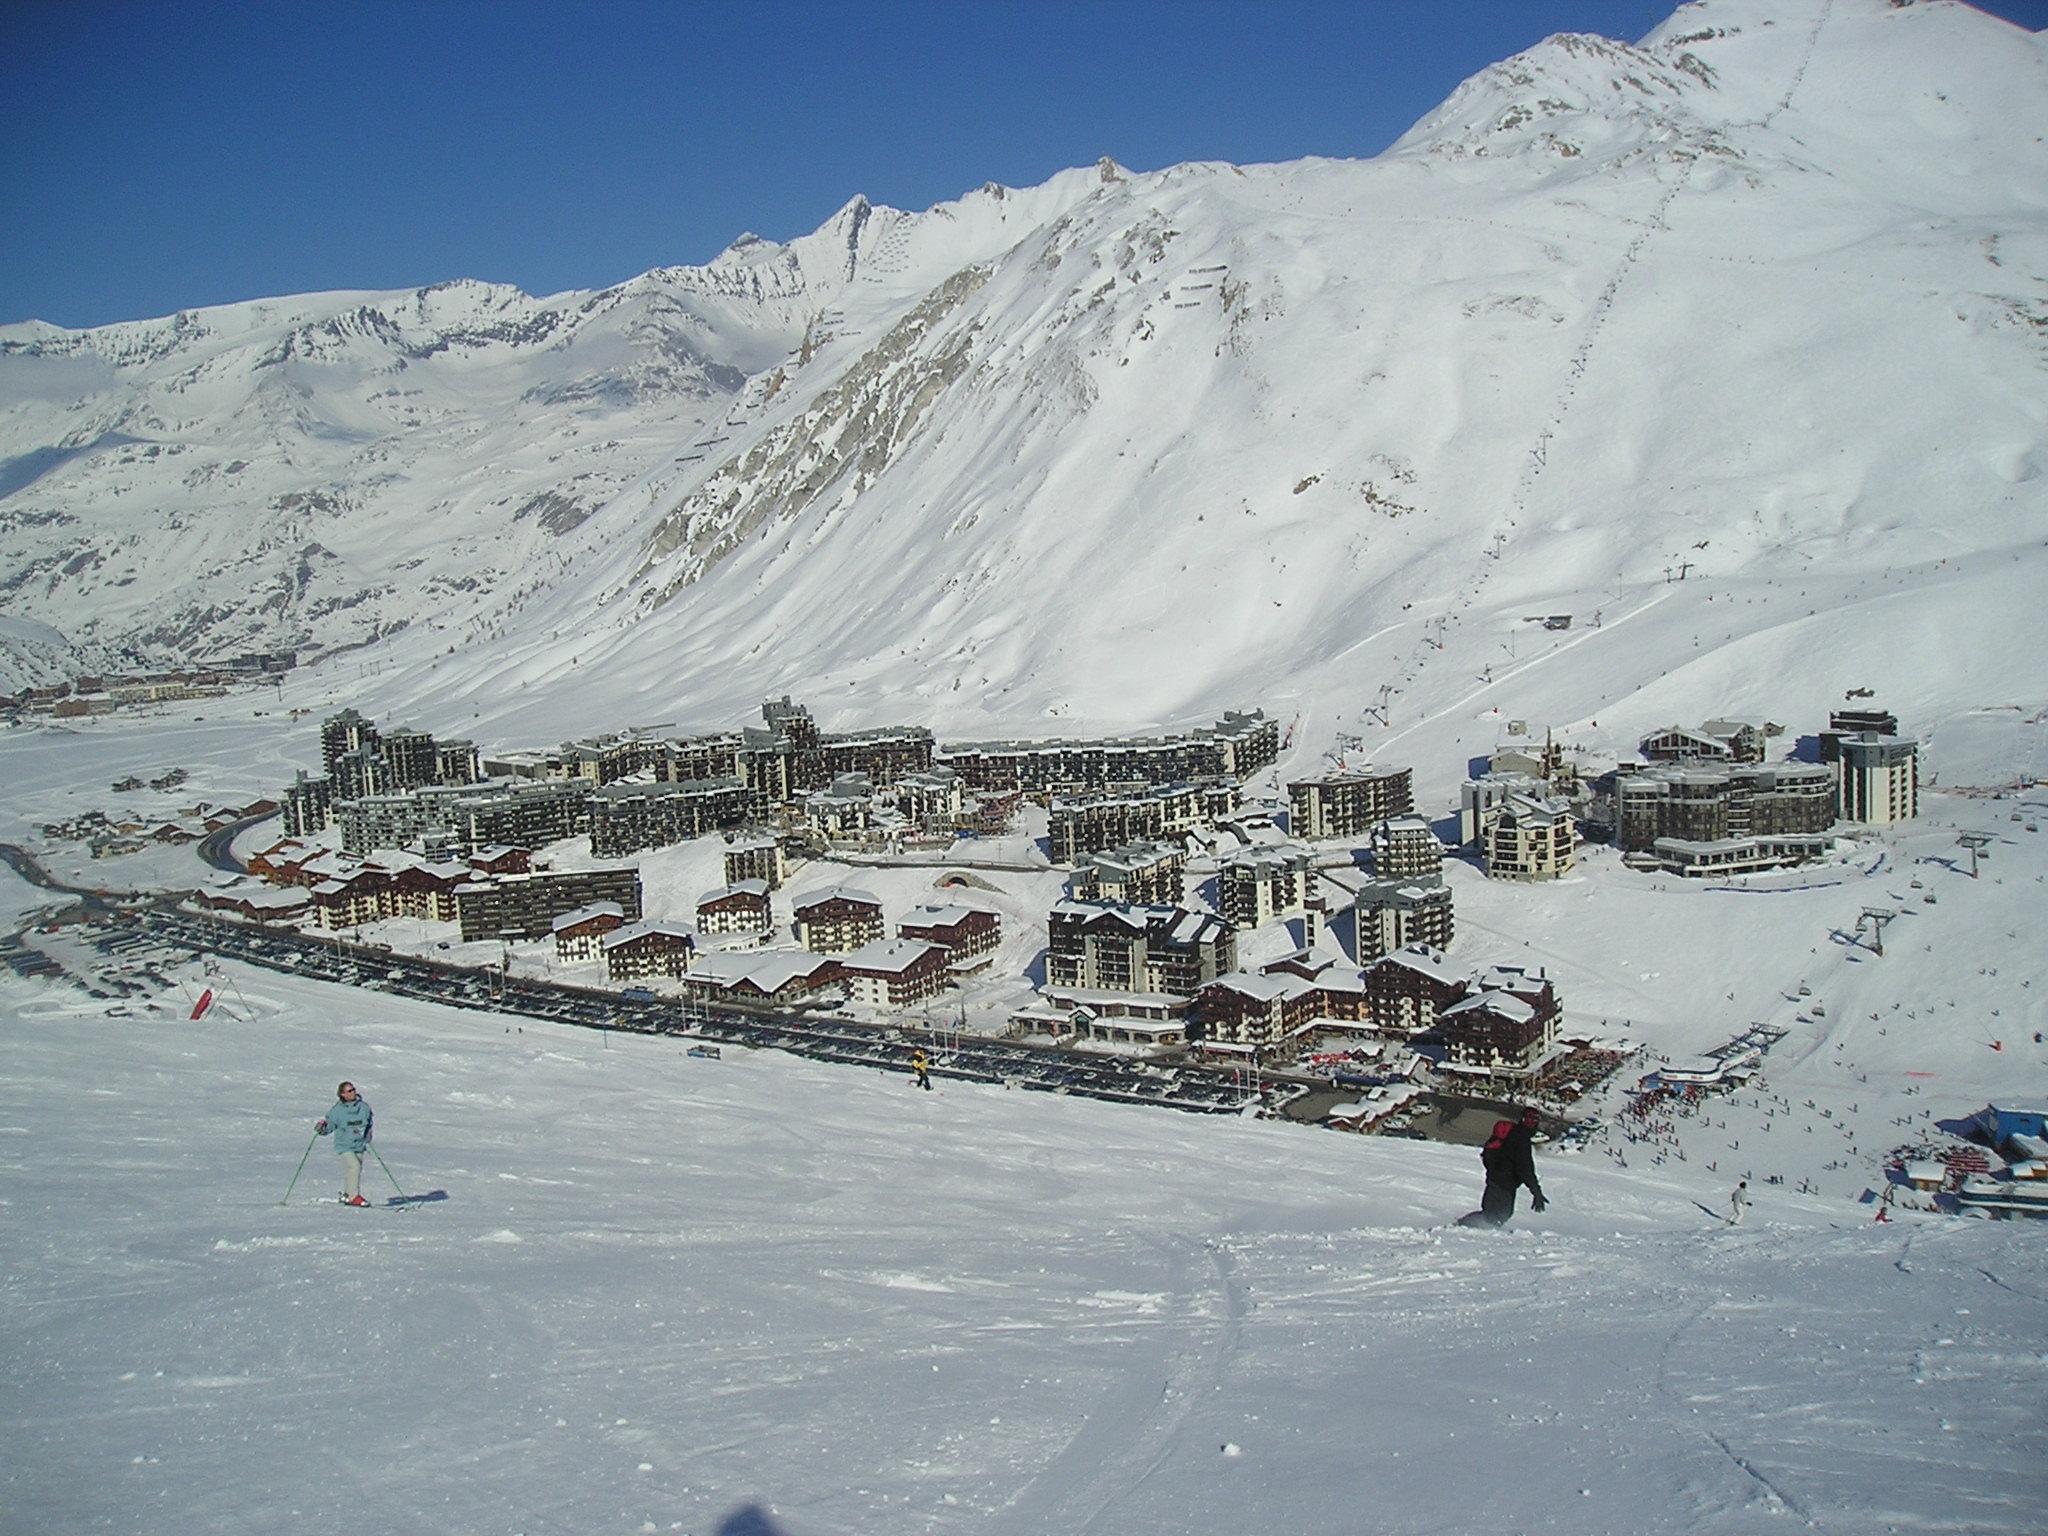 Découvrir la station de ski de Tignes, la capitale du freestyle !